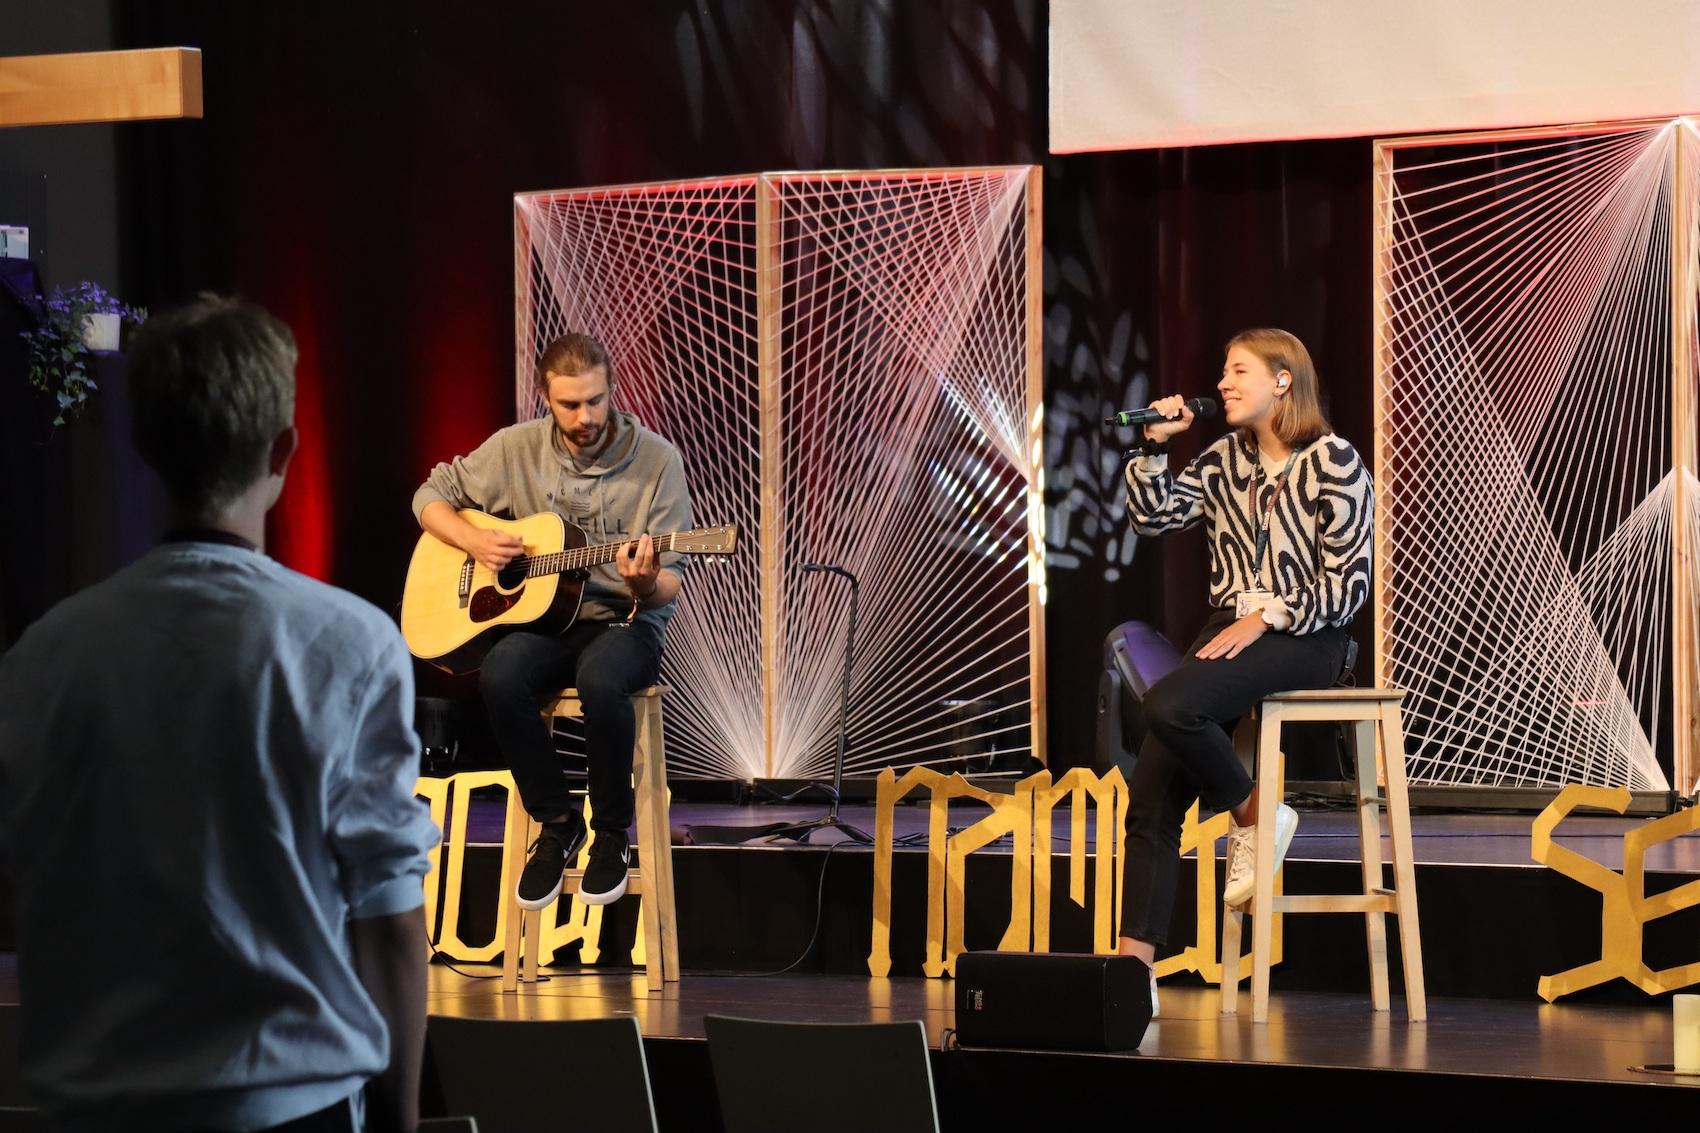 Die Anbetungszeit fand zuerst online statt und wurde dann live, hier in Braunschweig, fortgeführt